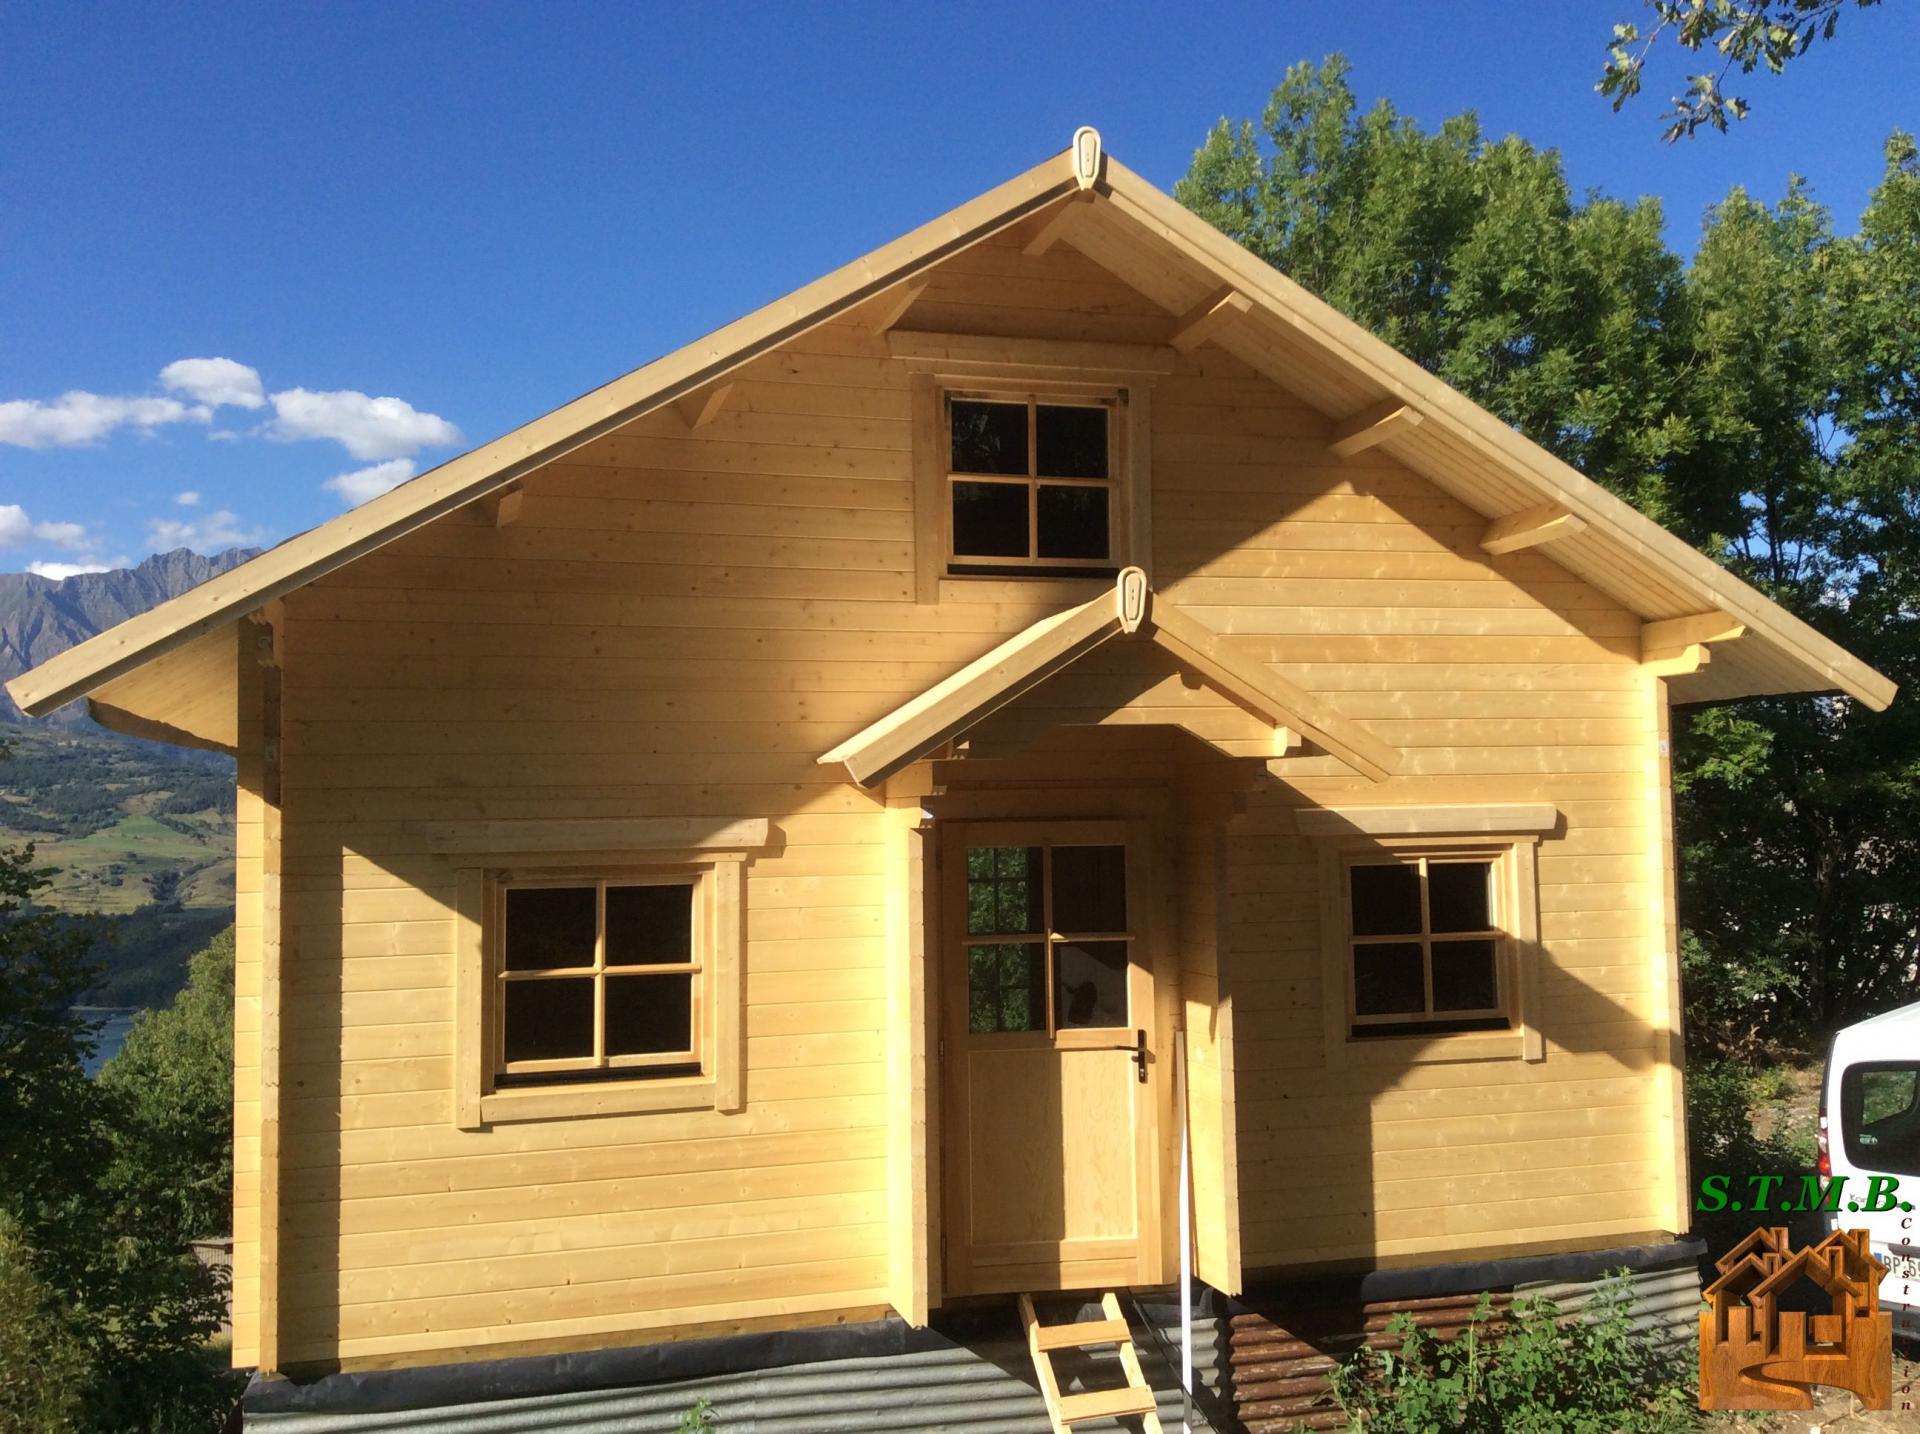 Fabricant Constructeur De Kits Chalets En Bois Habitables - Stmb concernant Abri De Jardin 30M2